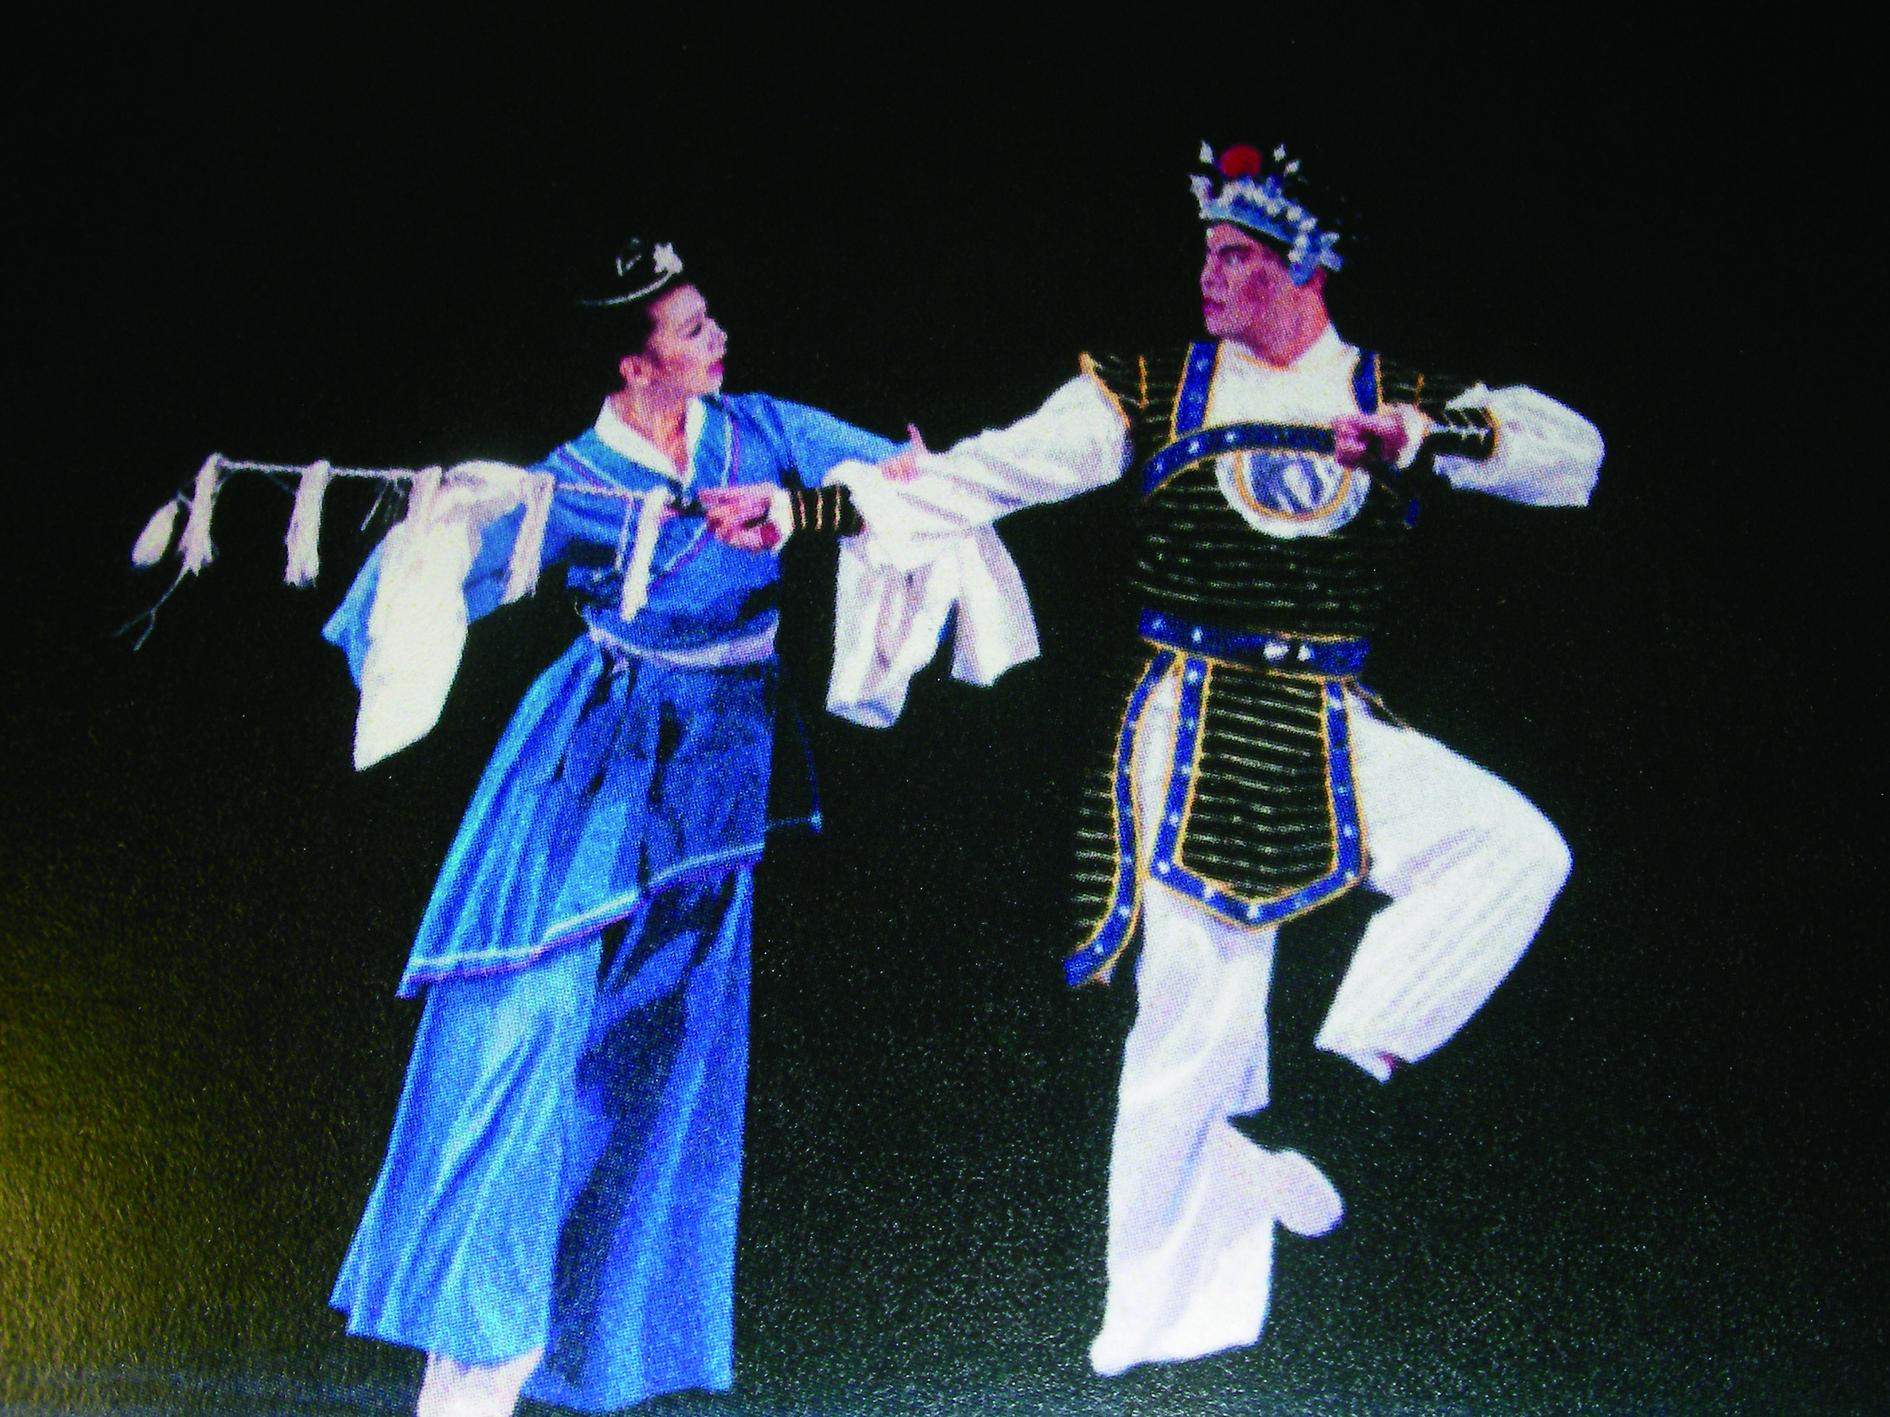 文化大學舞蹈系盧志明所編作之《別窯》,將舞蹈自戲文及原戲劇程式中抽離,創作戲曲舞蹈形式,李銘訓攝影。.JPG